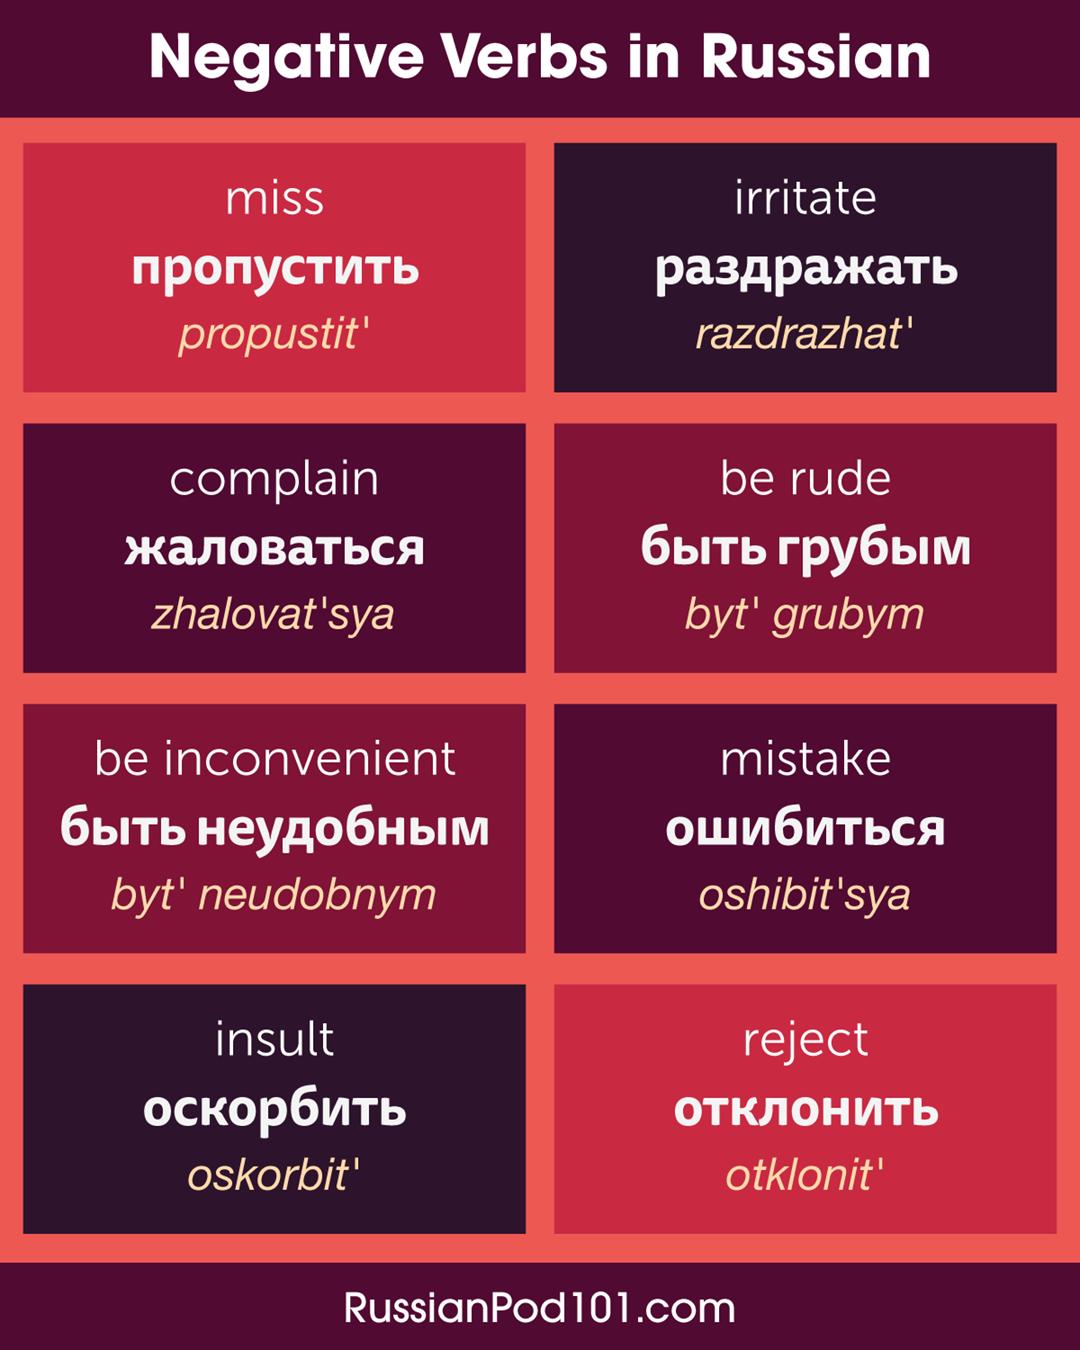 Russian Phrases Archives - RussianPod101.com Blog